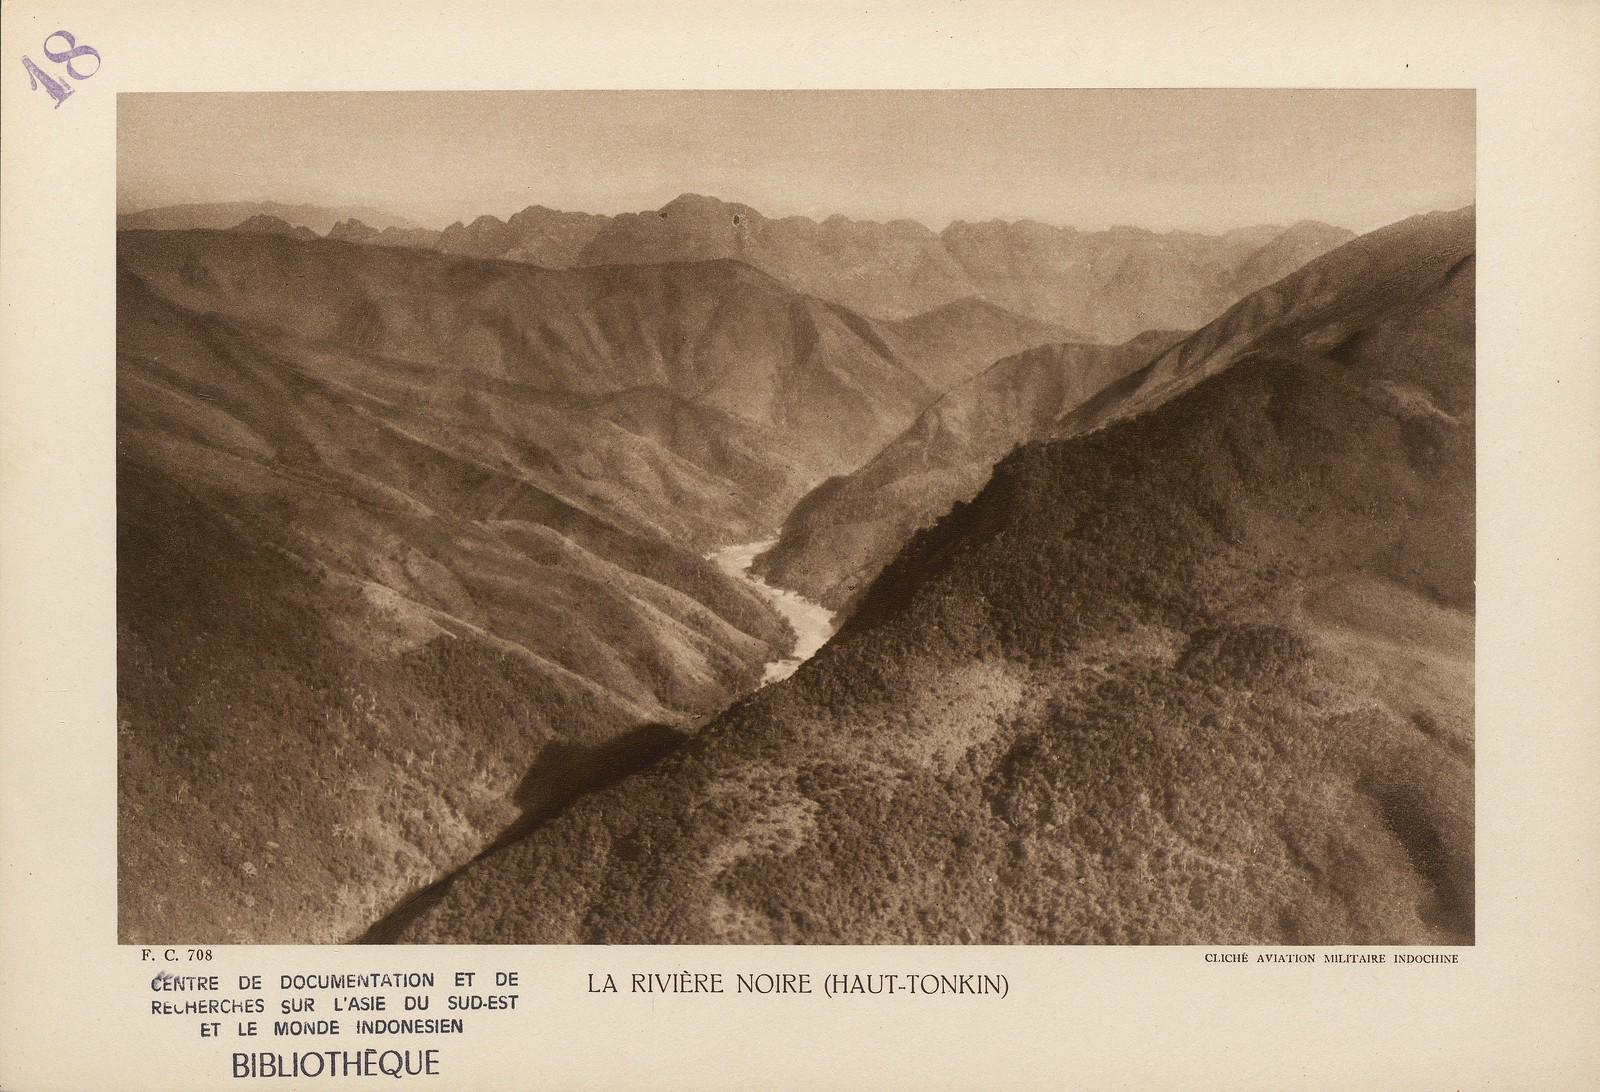 Loạt ảnh gây choáng ngợp về cảnh sắc Đông Dương năm 1934